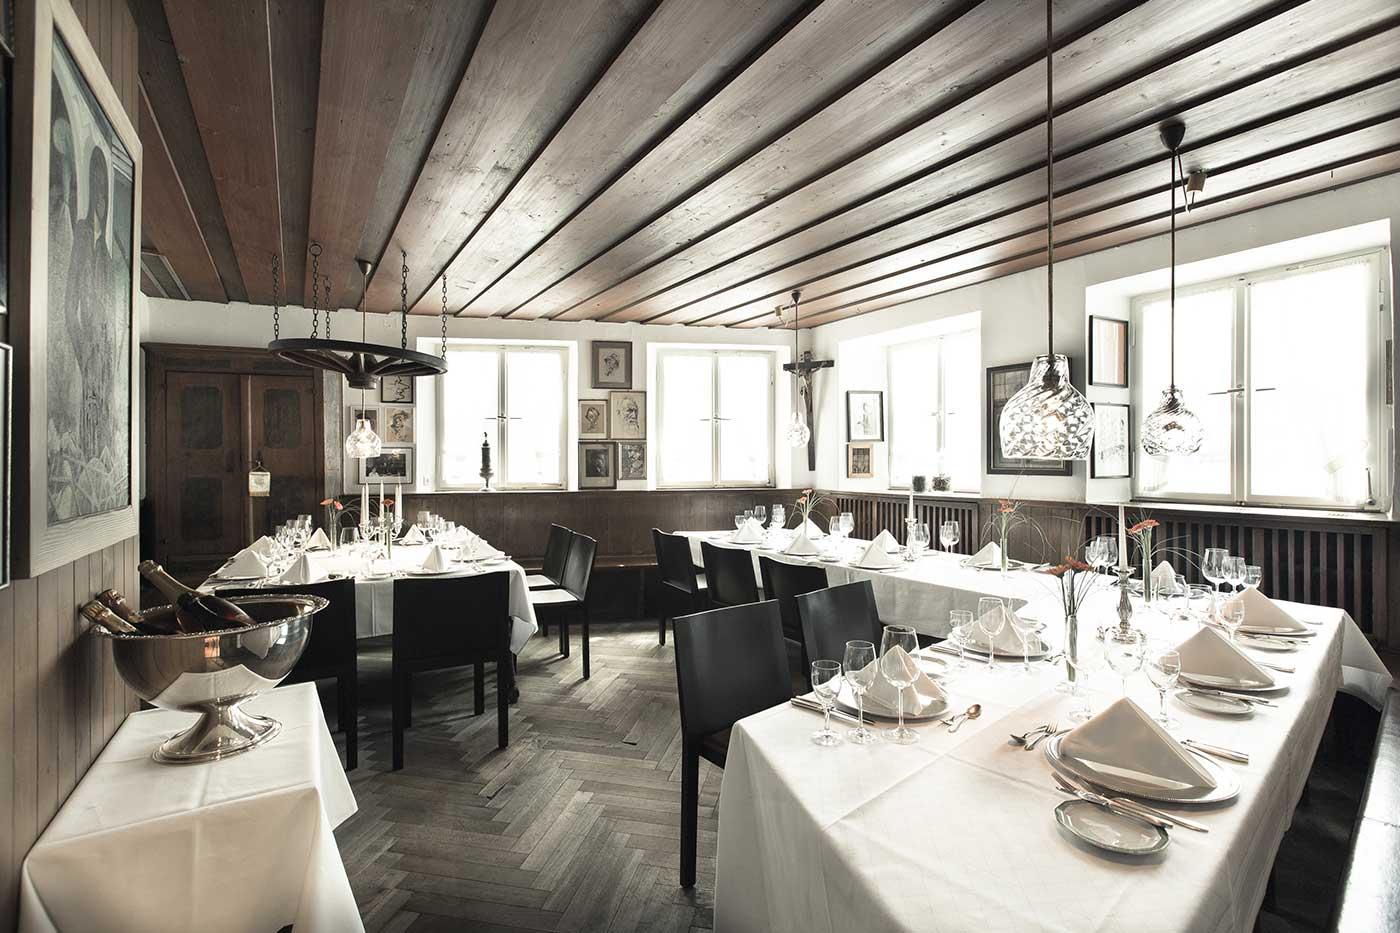 Ecke Restaurant Augsburg - Innenansicht Künstlerstube